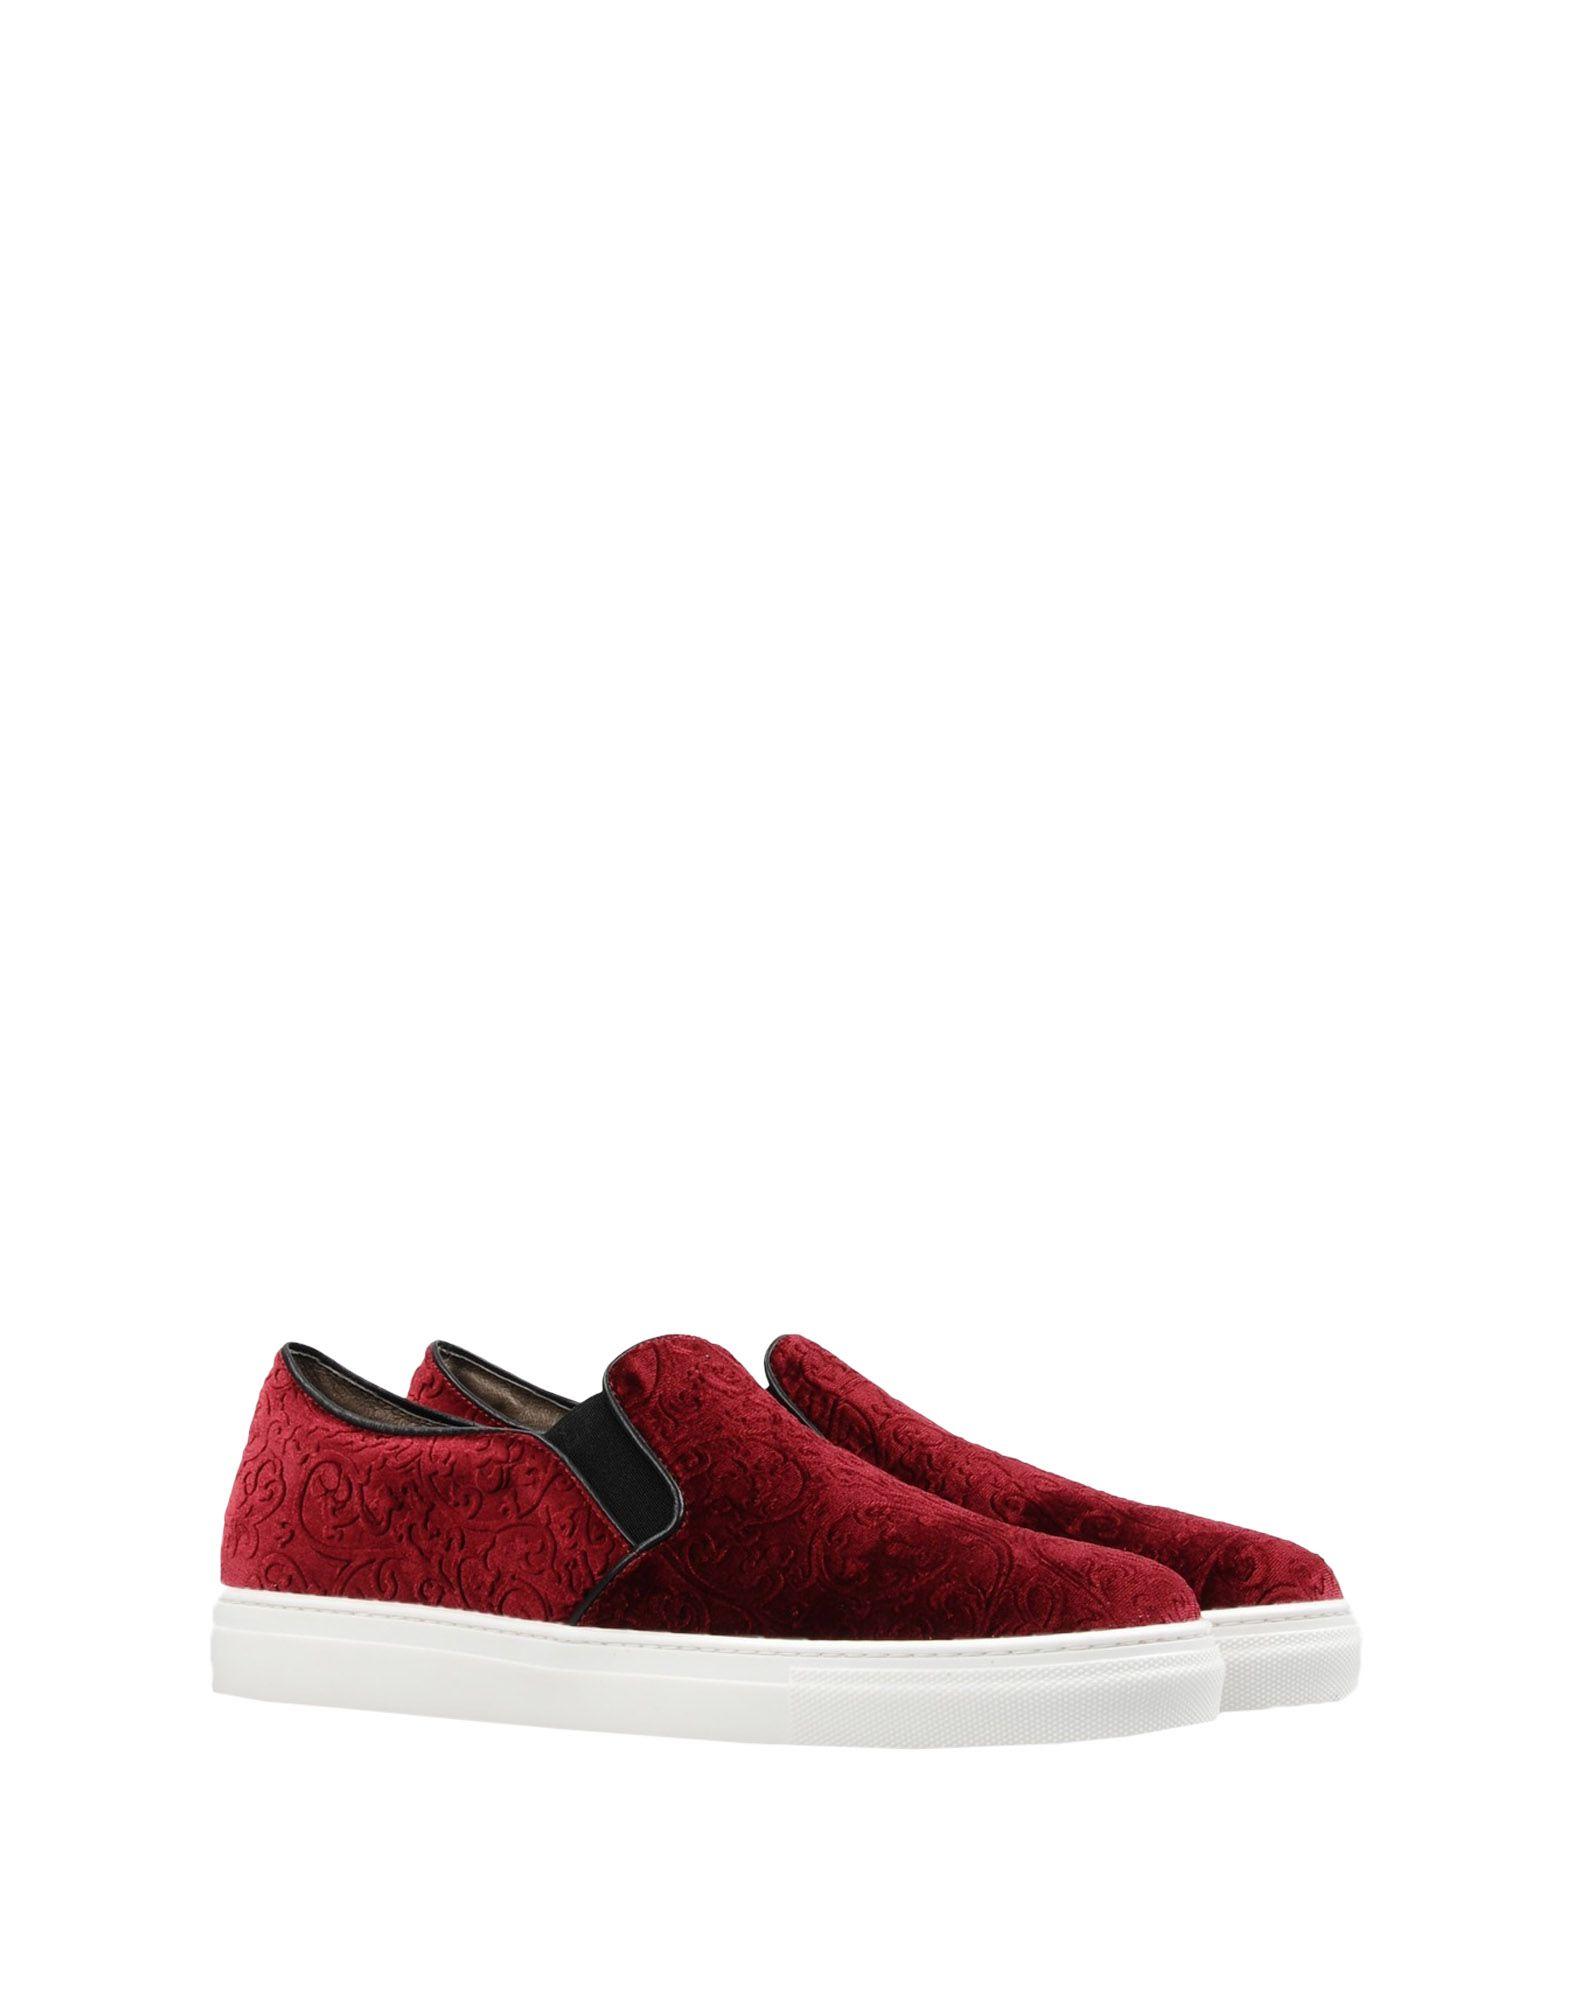 8 Sneakers Damen Damen Sneakers  11315177MR  2c73ae